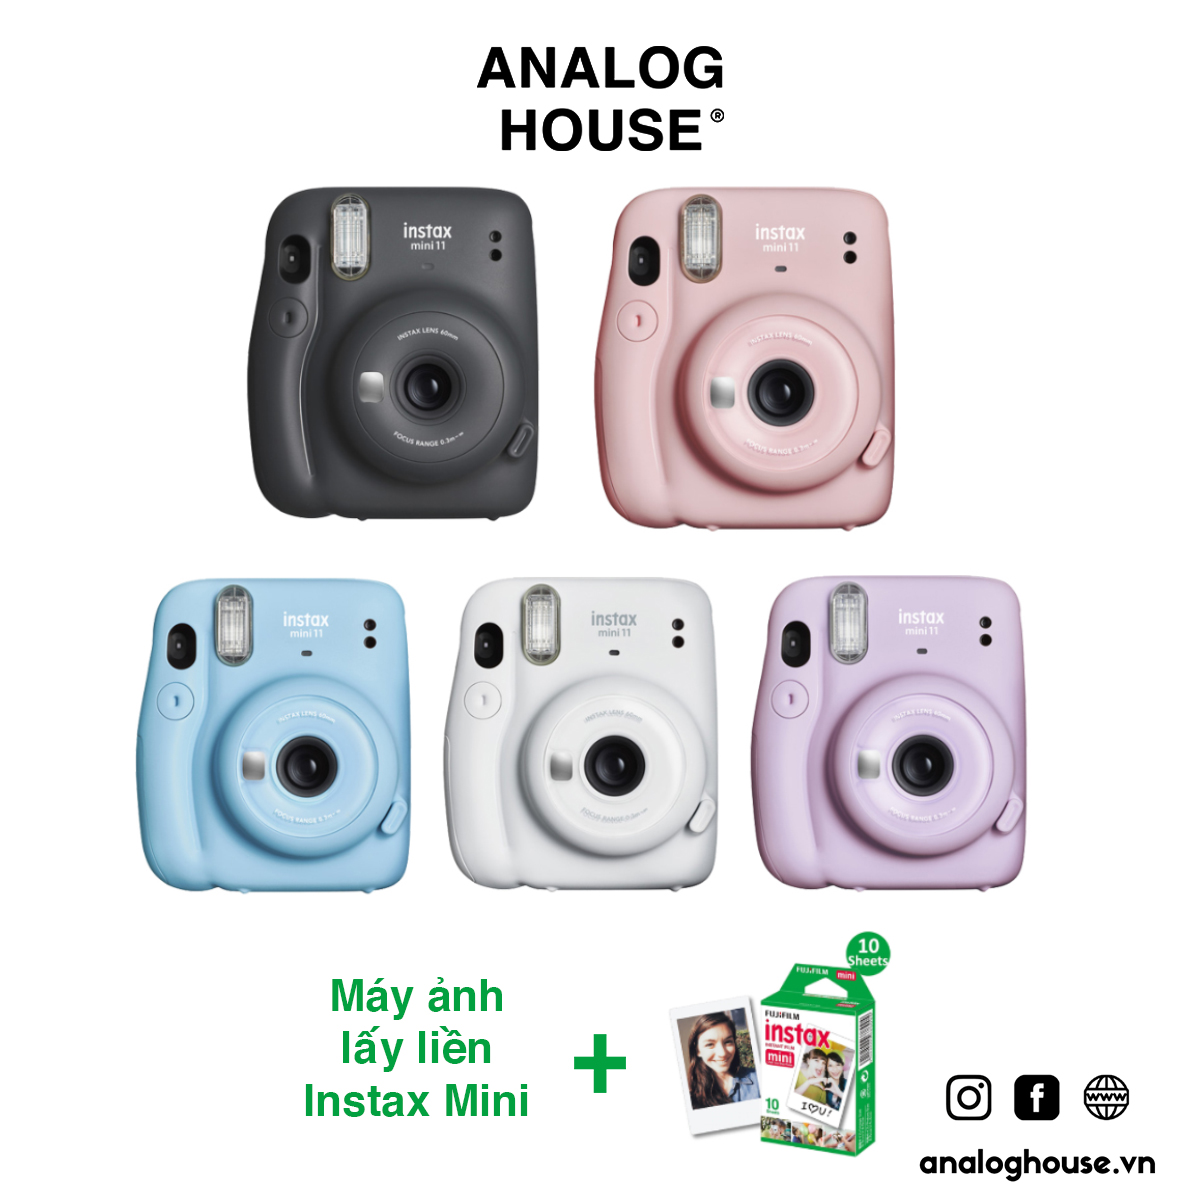 Máy ảnh Fujifilm Instax Mini 11 (Chính hãng, BH 1 năm, tặng kèm film & pin)